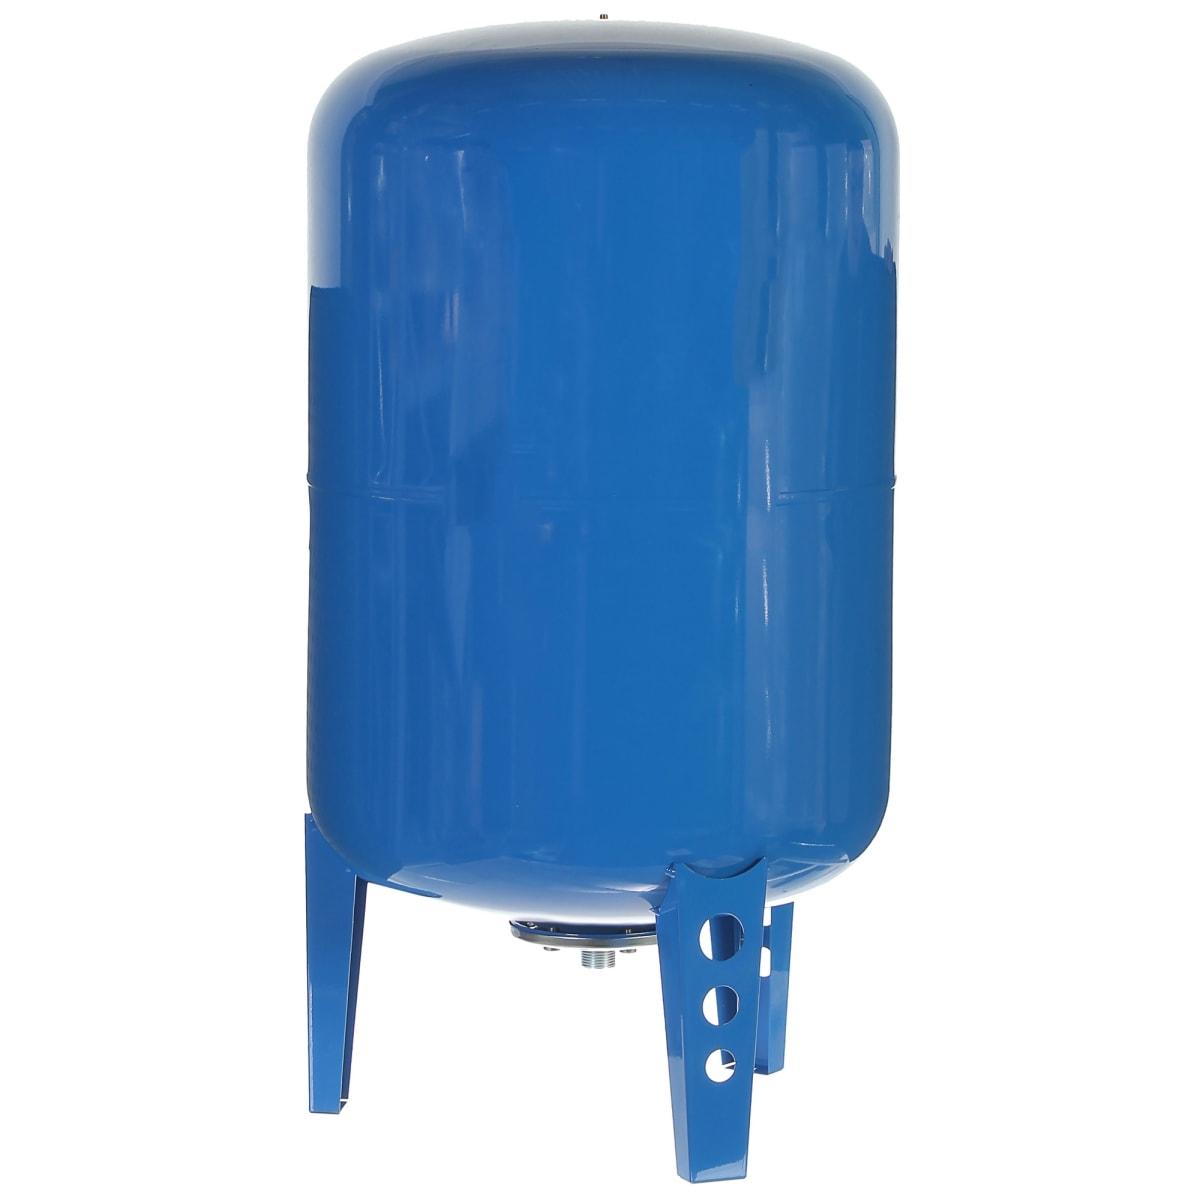 Гидроаккумулятор вертикальный 150 л, фланец оцинкованная сталь